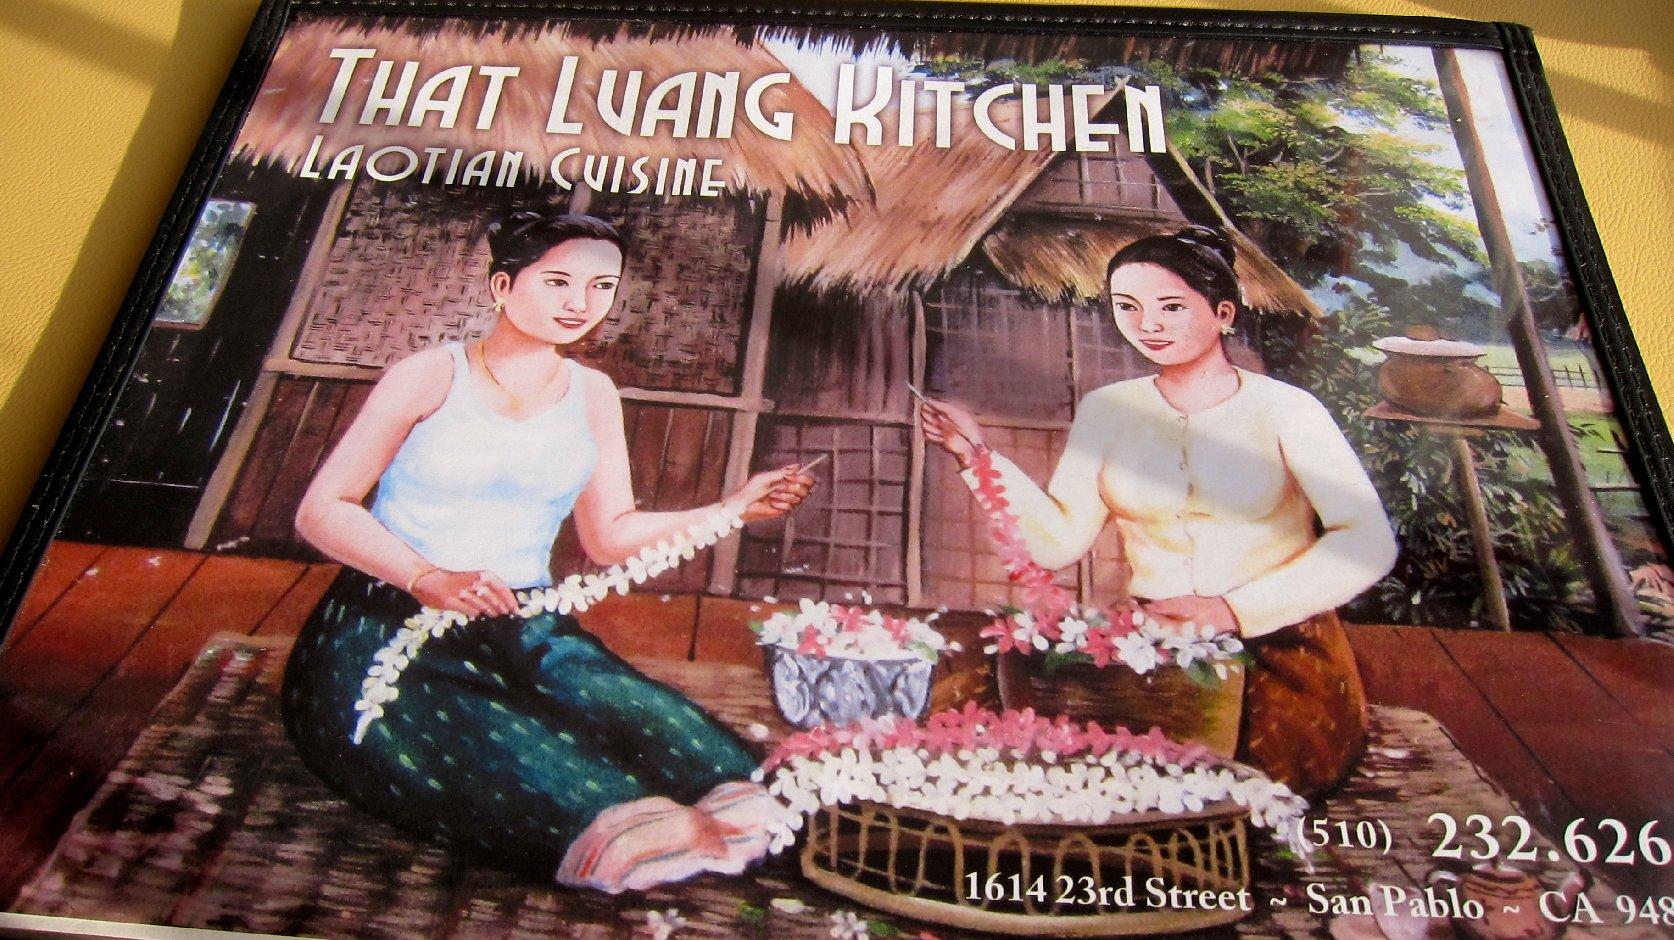 That Luang Kitchen